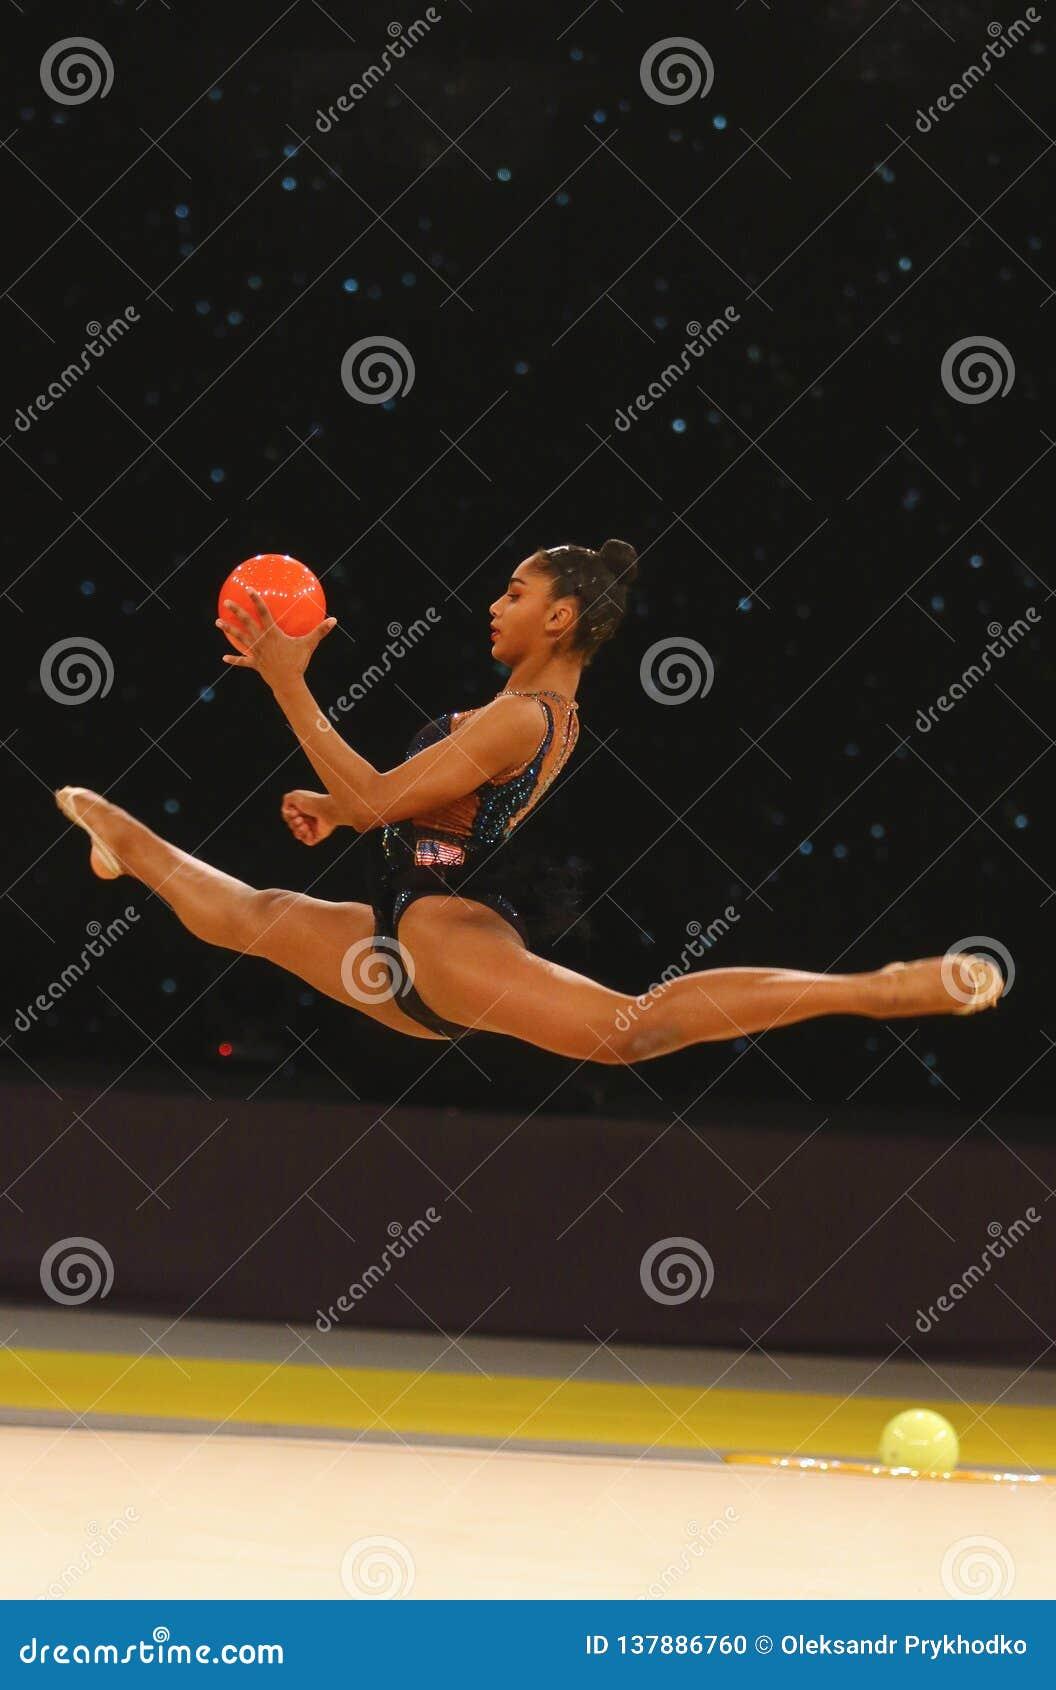 Rytmisk gymnastik Grand Prix i Kyiv, Ukraina